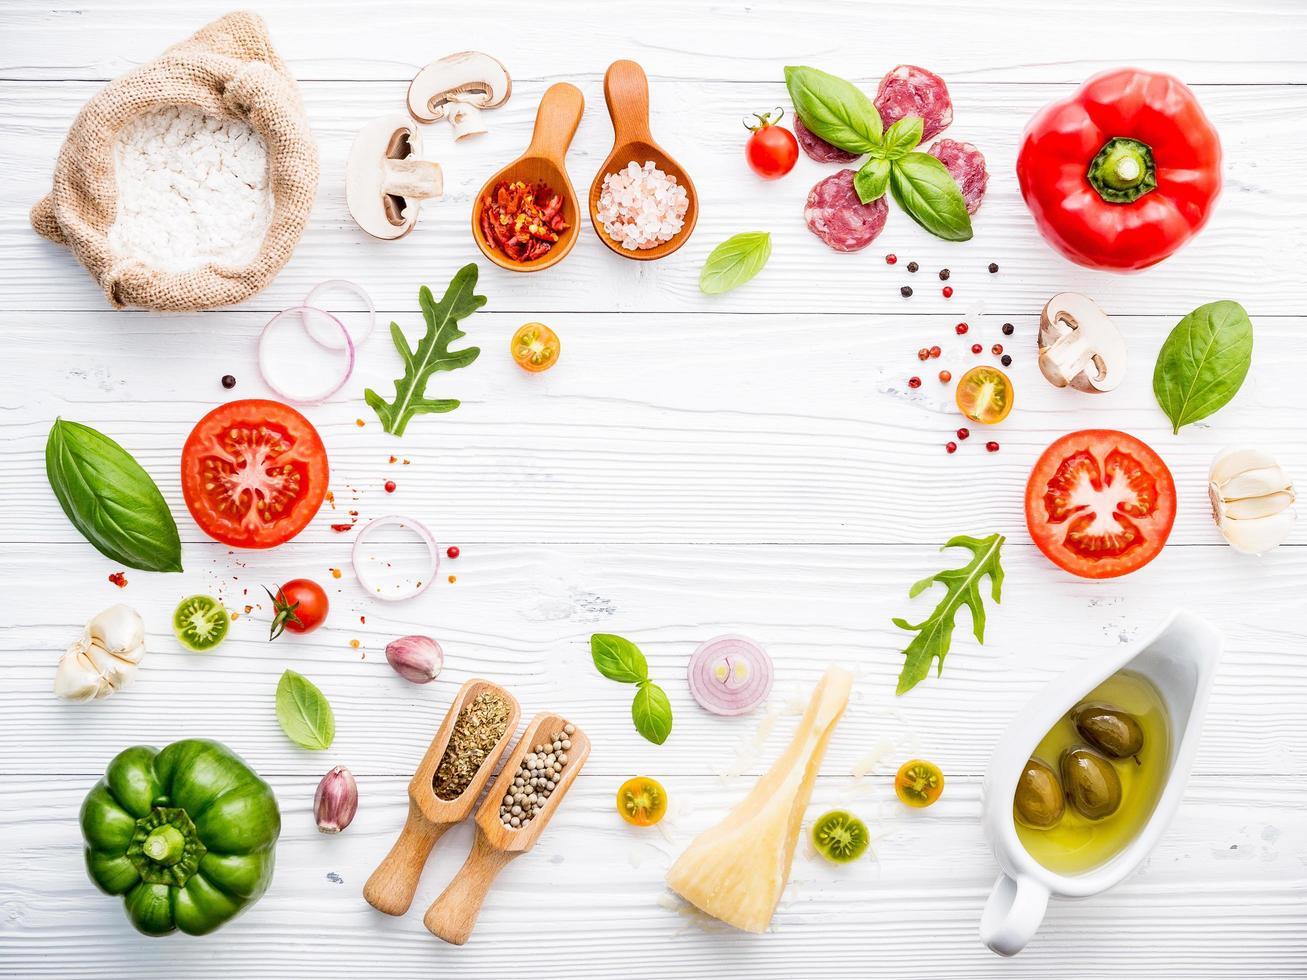 verse pizza-ingrediënten op een witte houten achtergrond foto